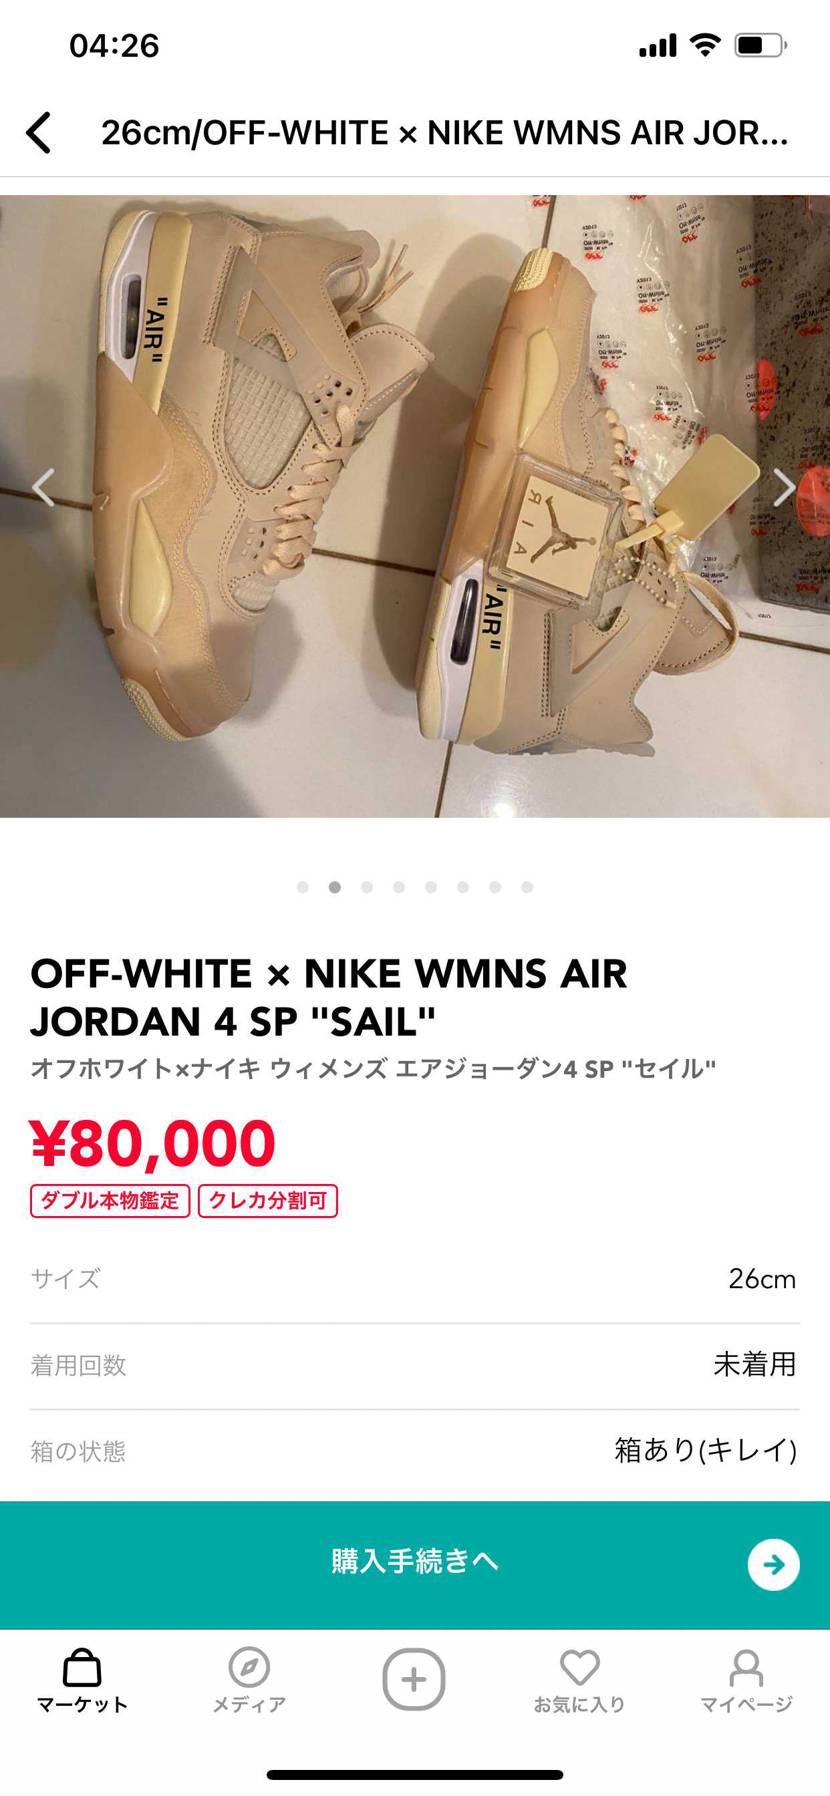 7万3千円まで値下げ出来ませんか。よろしくお願いします